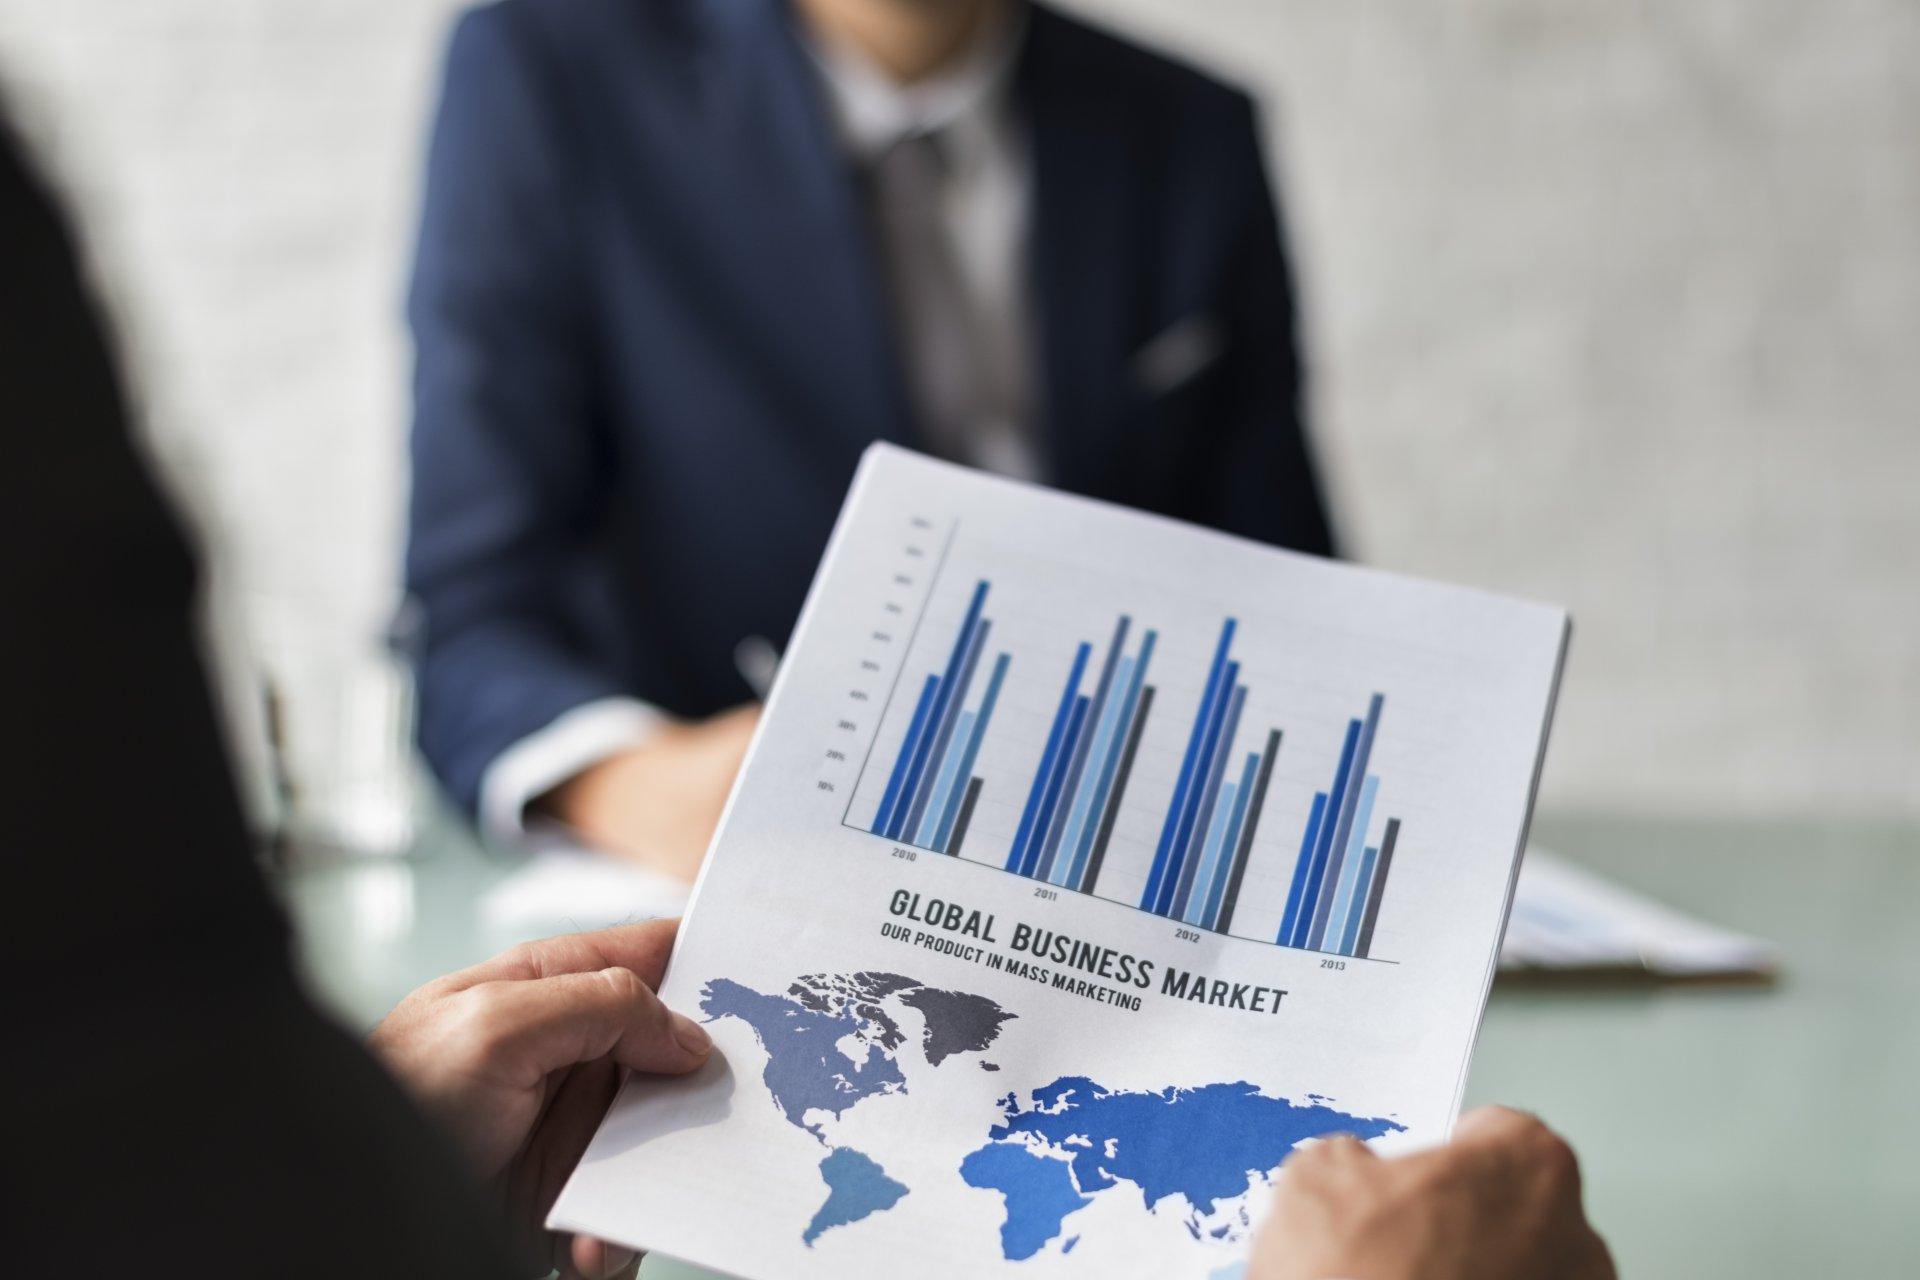 Борлуулалтын шинжилгээнд зайлшгүй шаардлагатай KPI үзүүлэлтүүд